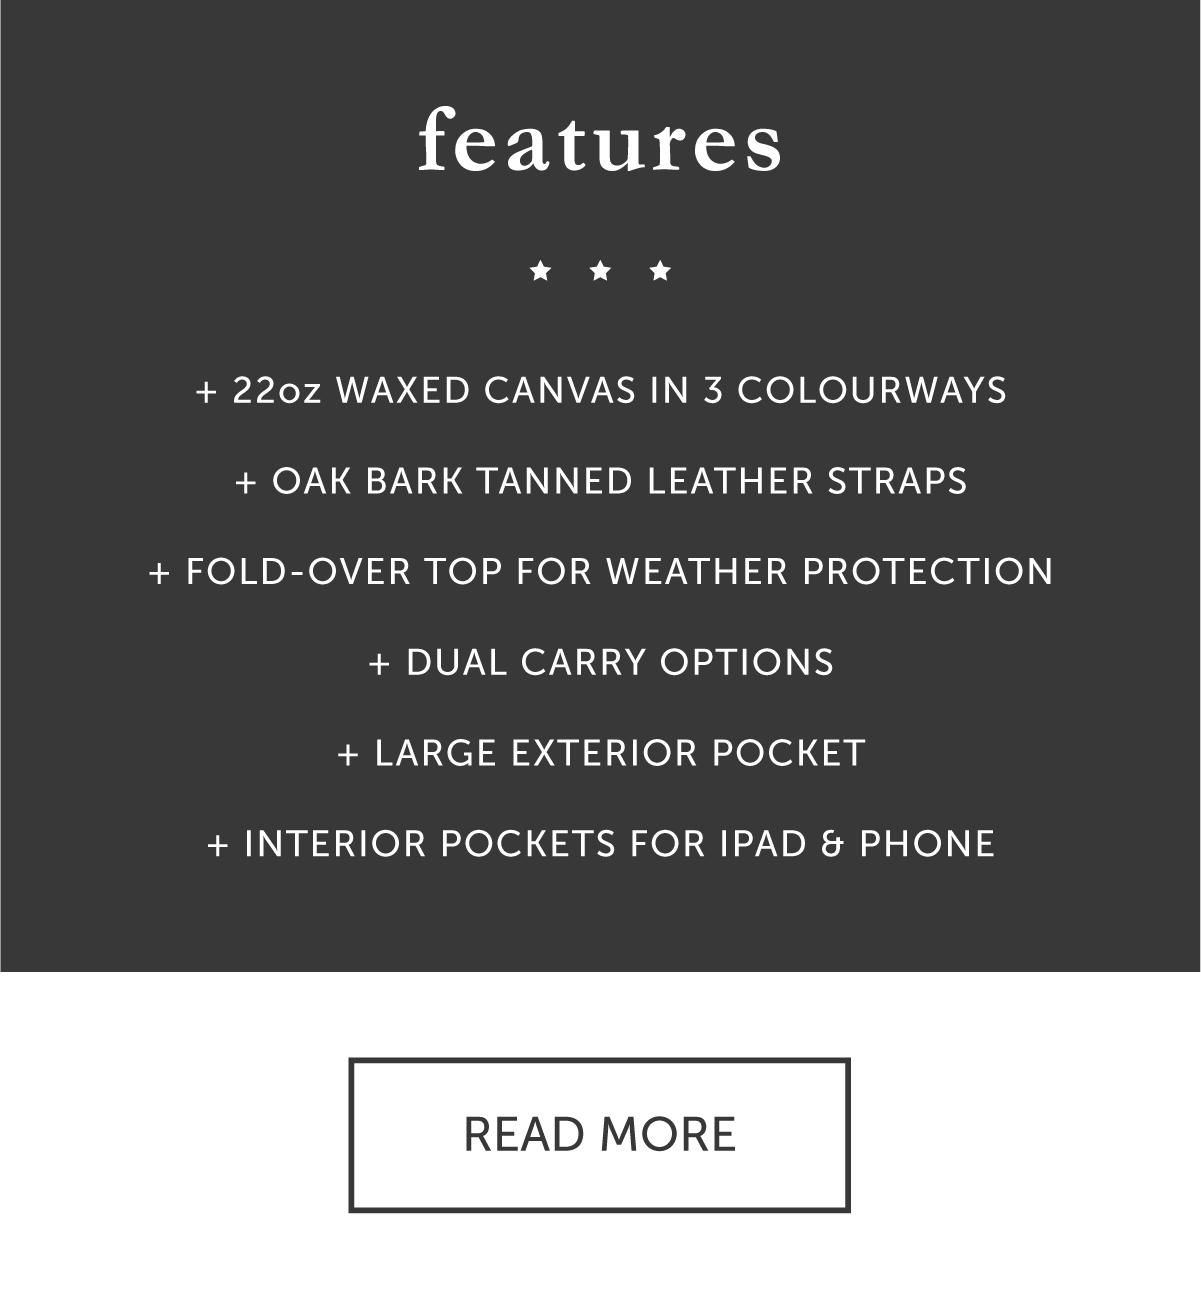 features grey 2.jpg